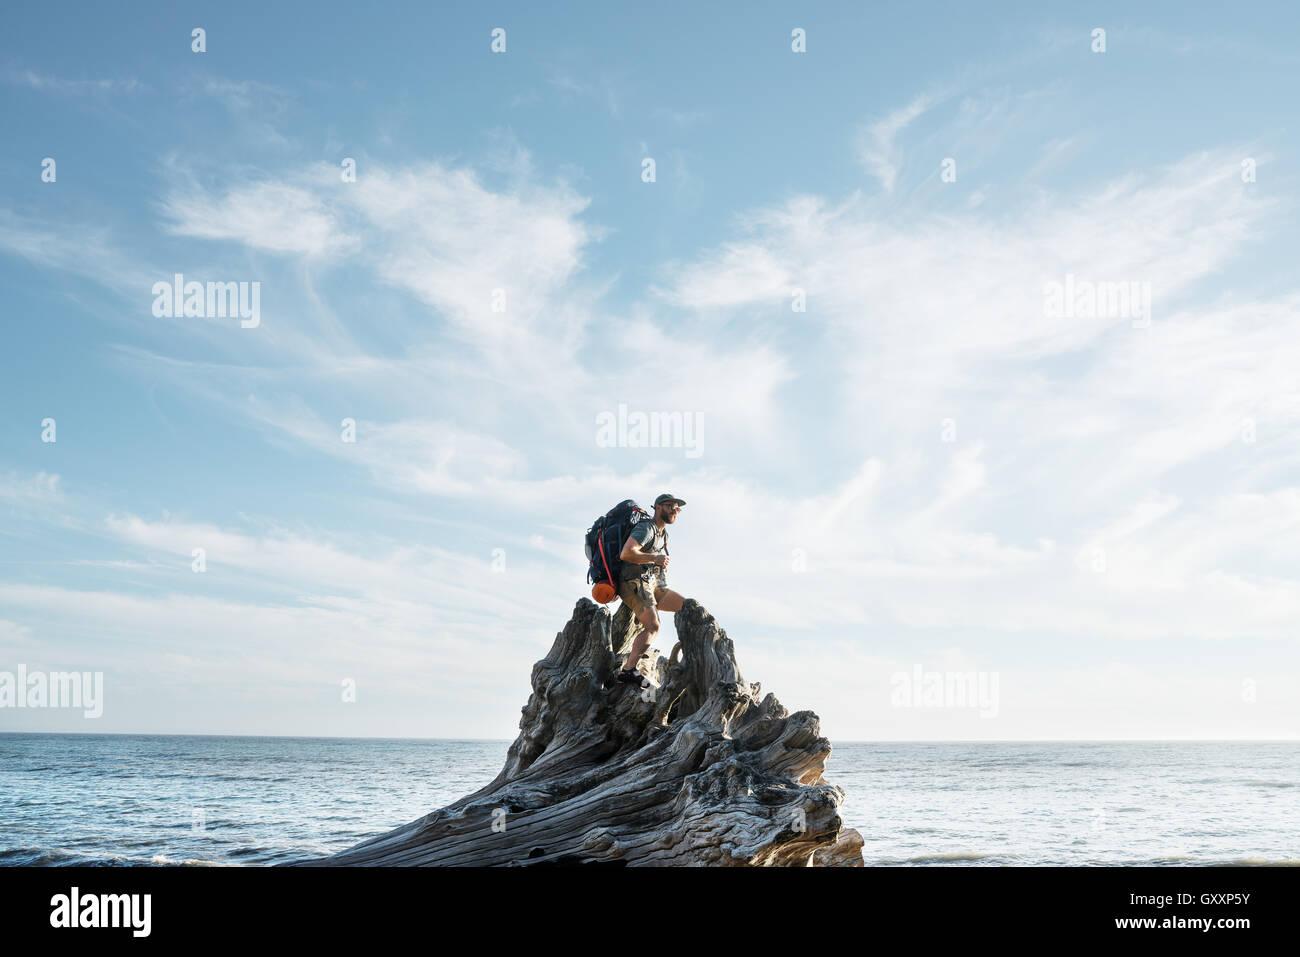 Eine Backpacker klettert einen toter Baumstumpf beim Wandern Northern California Lost Coast Stockbild